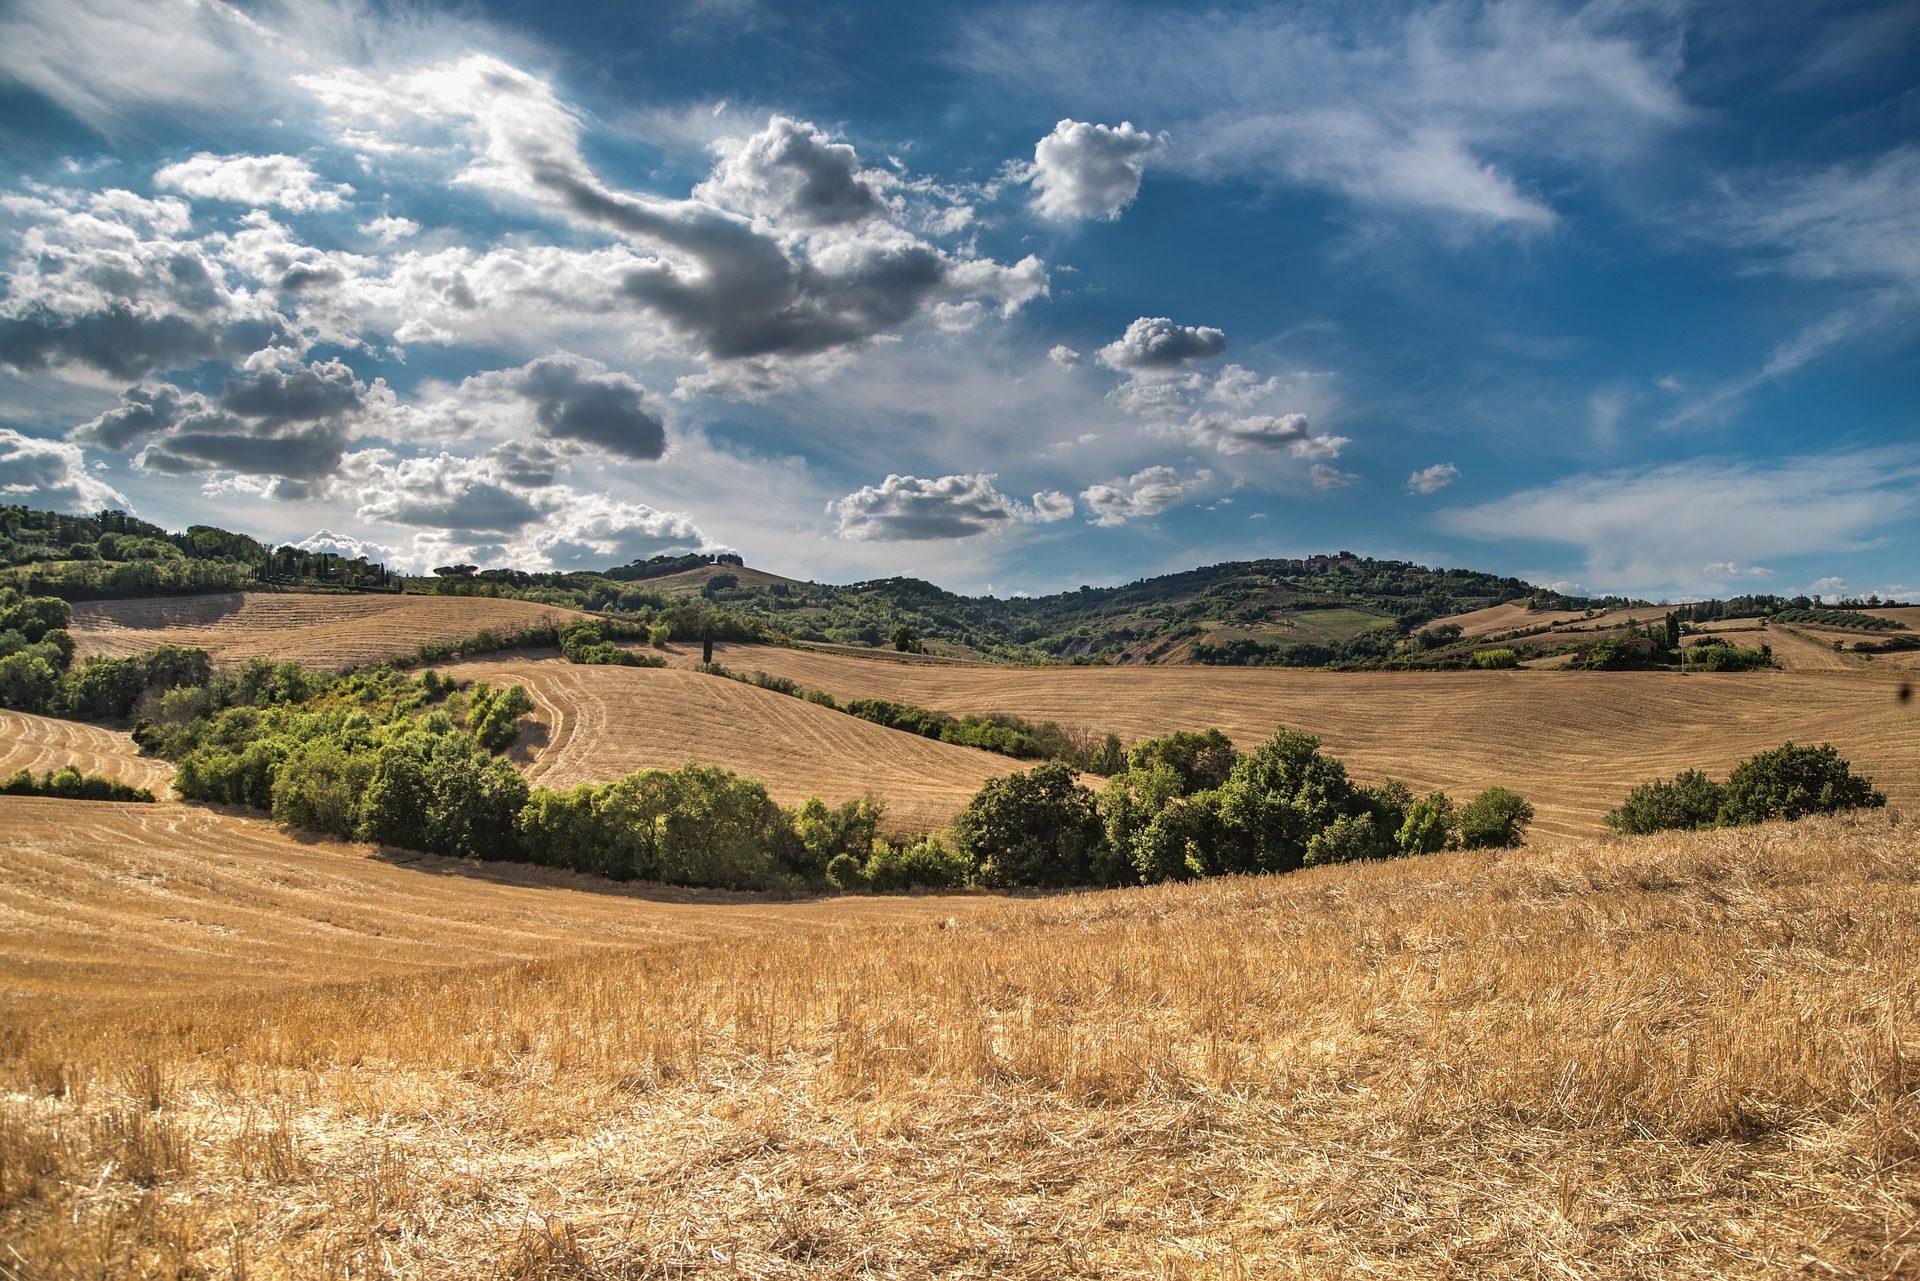 Pradera, Hill, árvores, Céu, nuvens, Toscano, Itália - Papéis de parede HD - Professor-falken.com